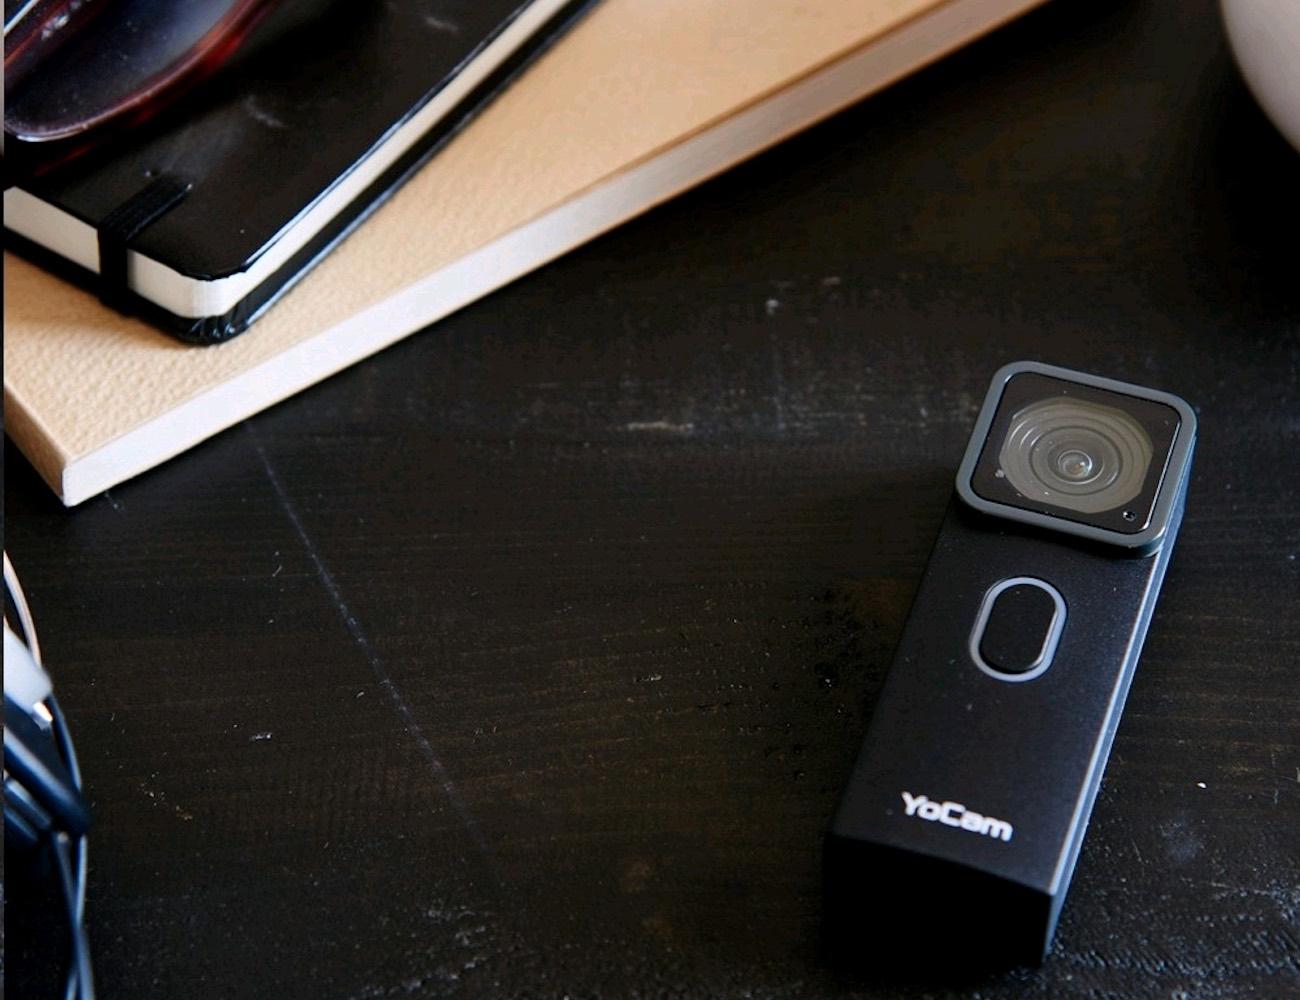 YoCam Waterproof Life Camera by Mofily